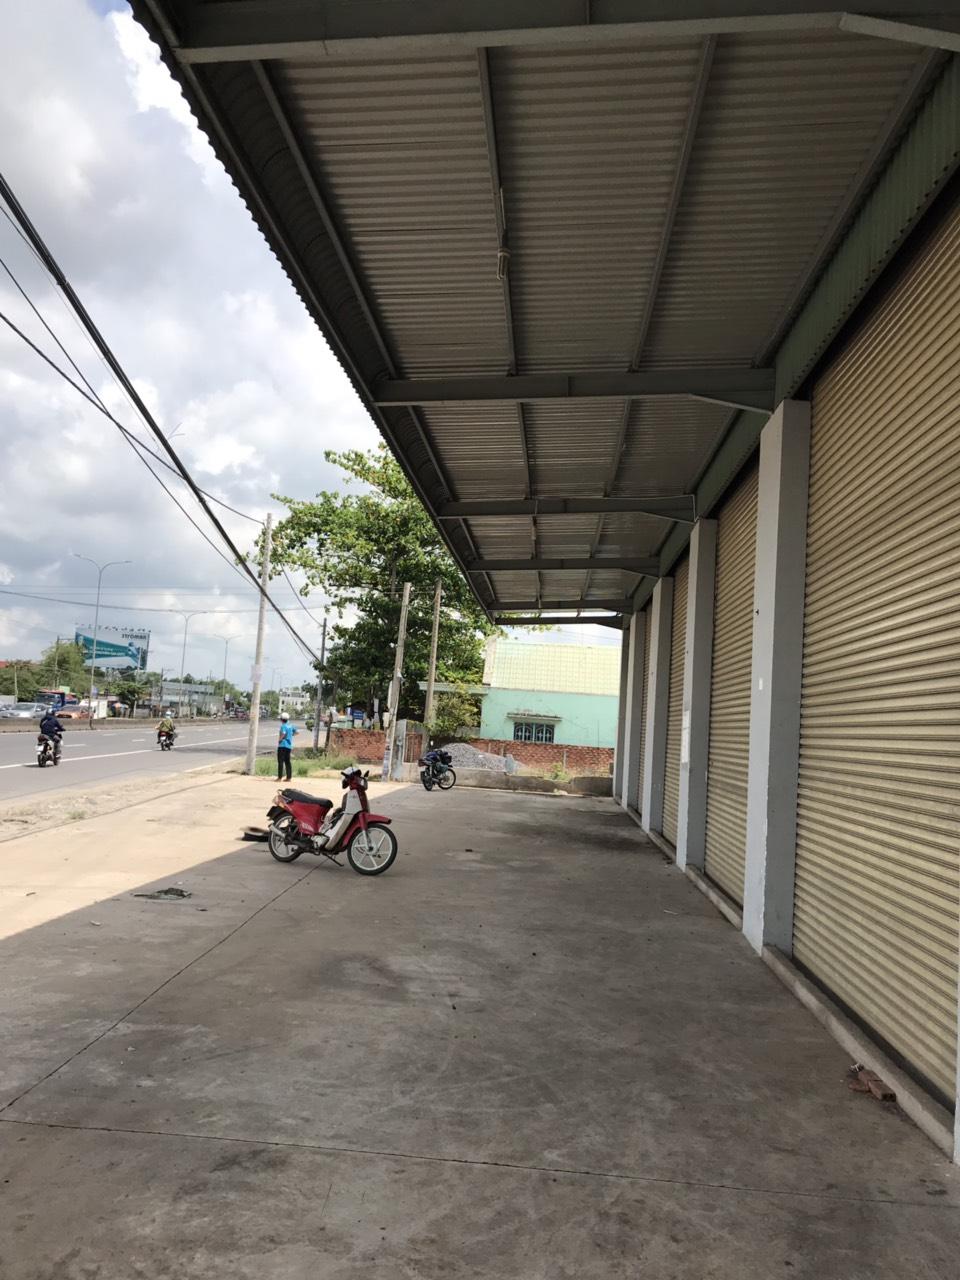 Bán Đất 2 Mặt Tiền Quốc lộ 51 Xã Long Phước, Long Thành 1.600m giá 17 tỷ